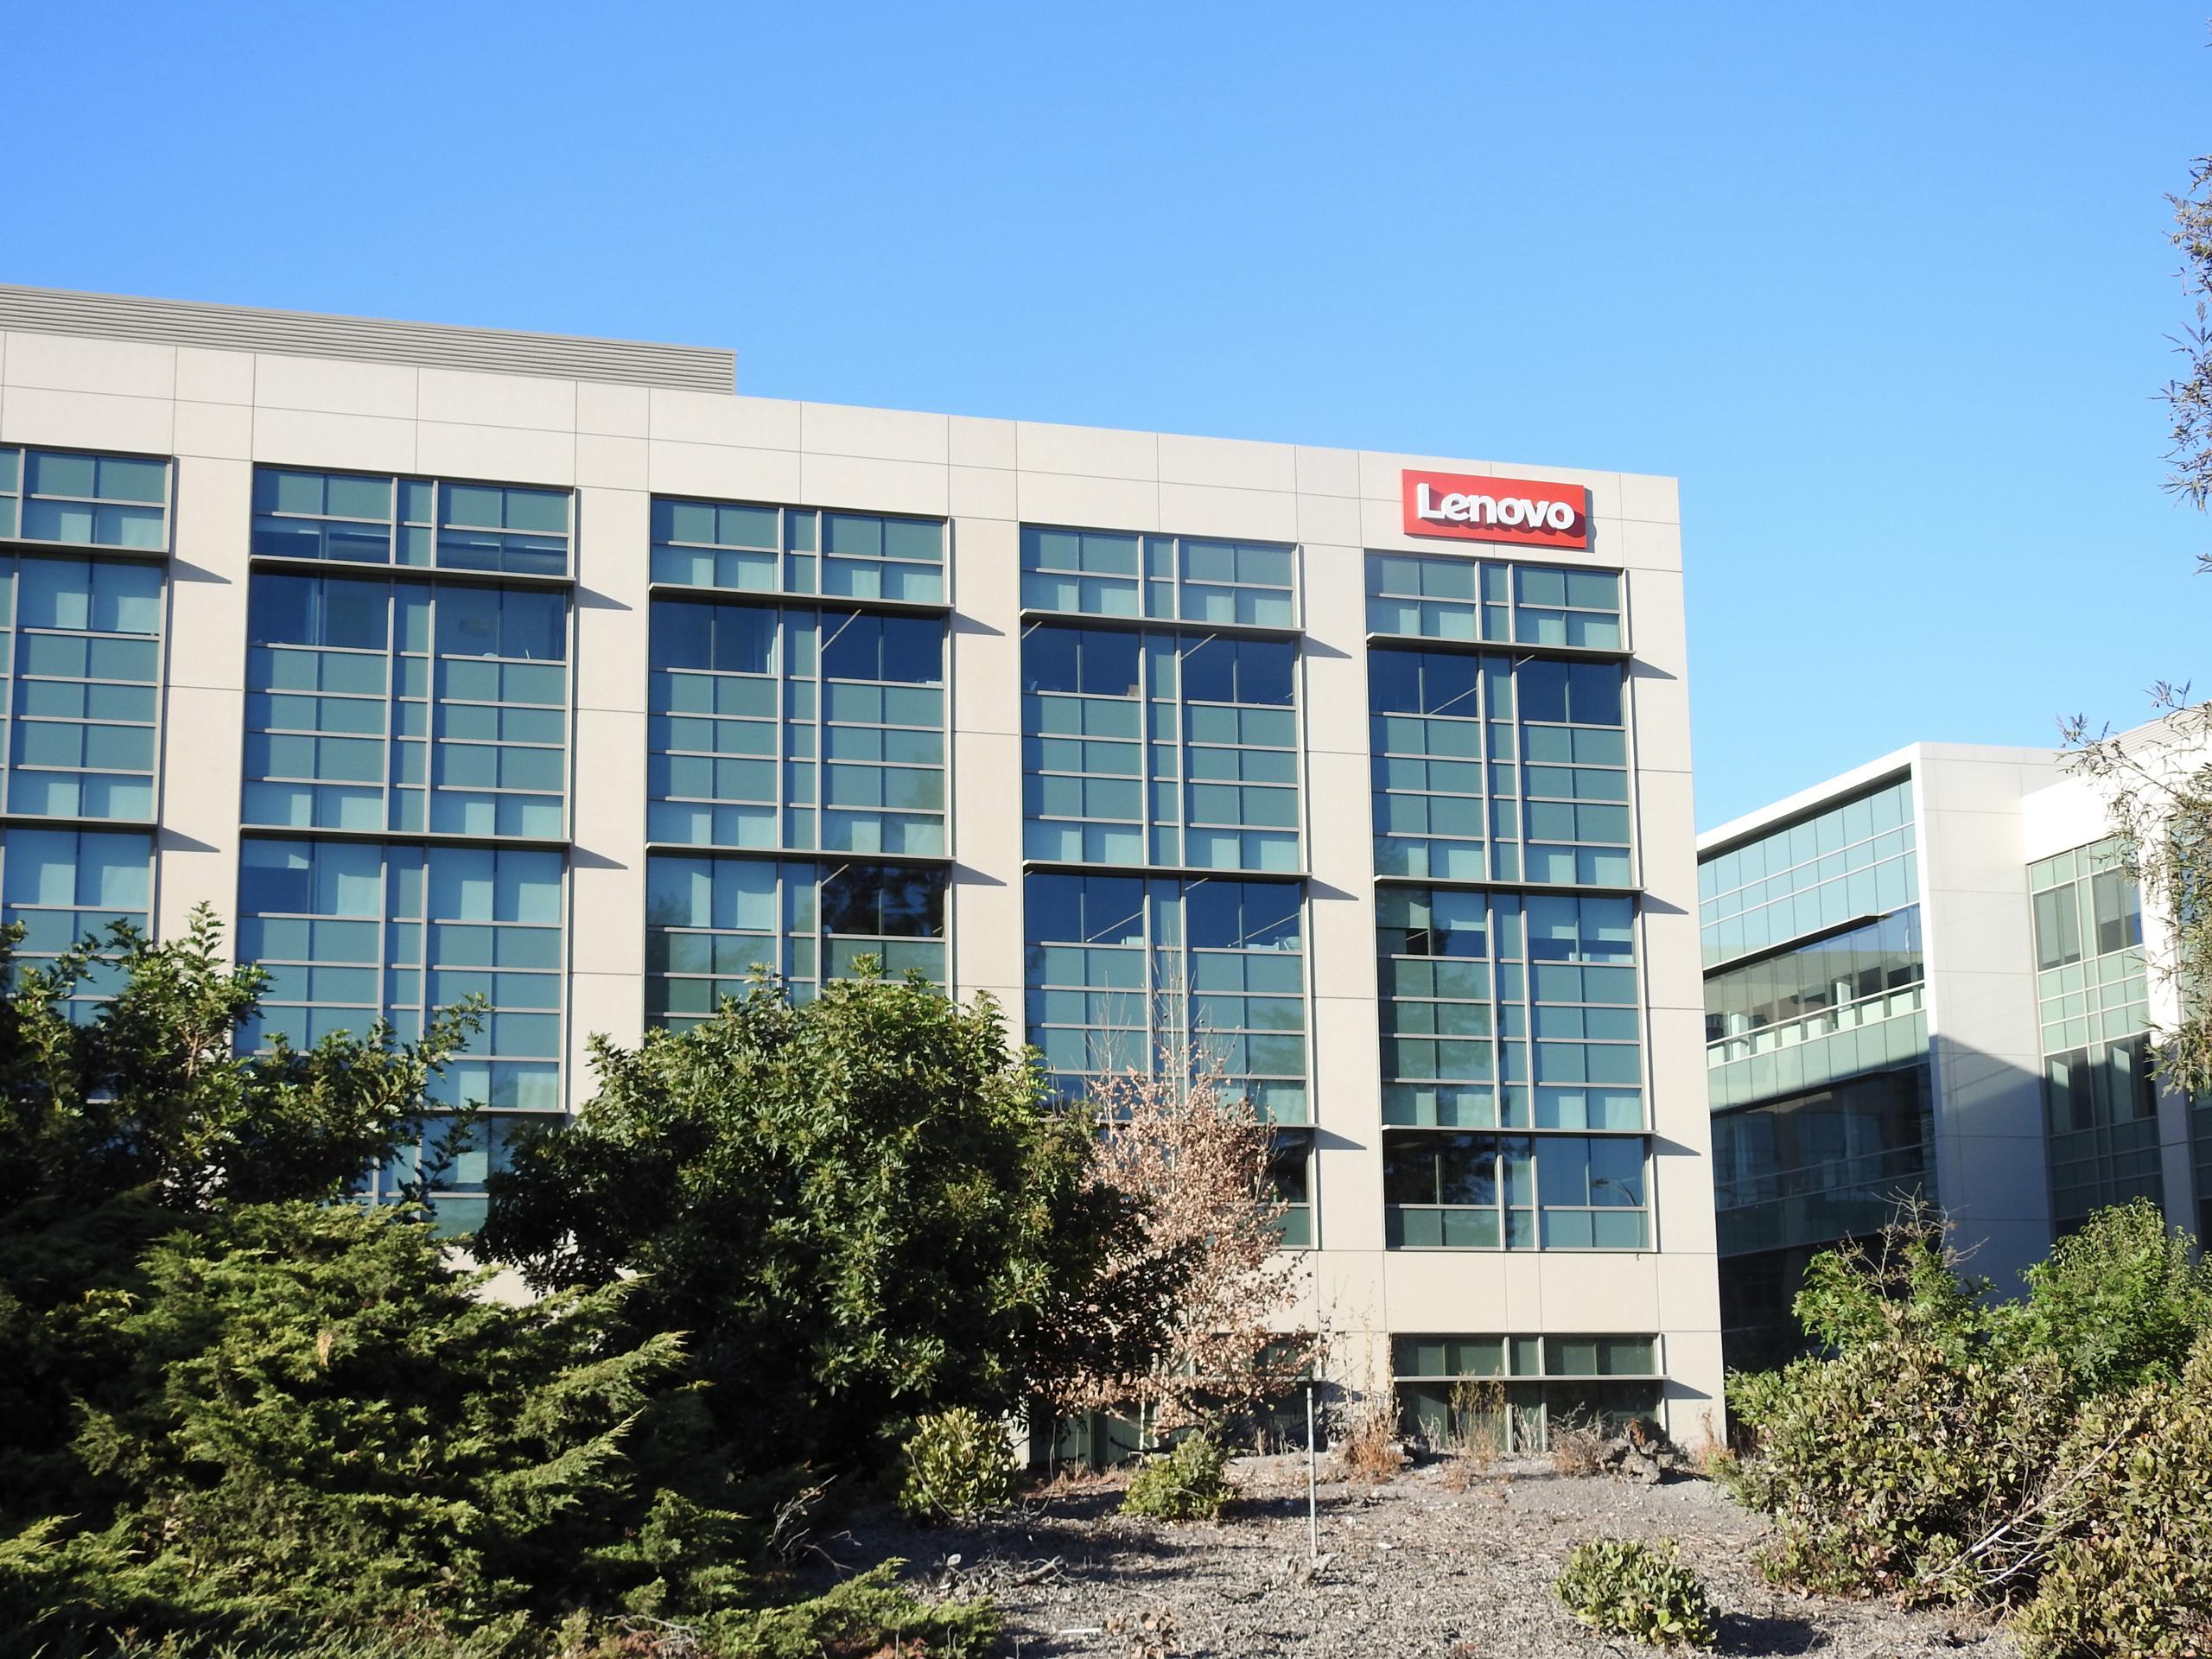 Lenovo Group's office in Santa Clara, California.